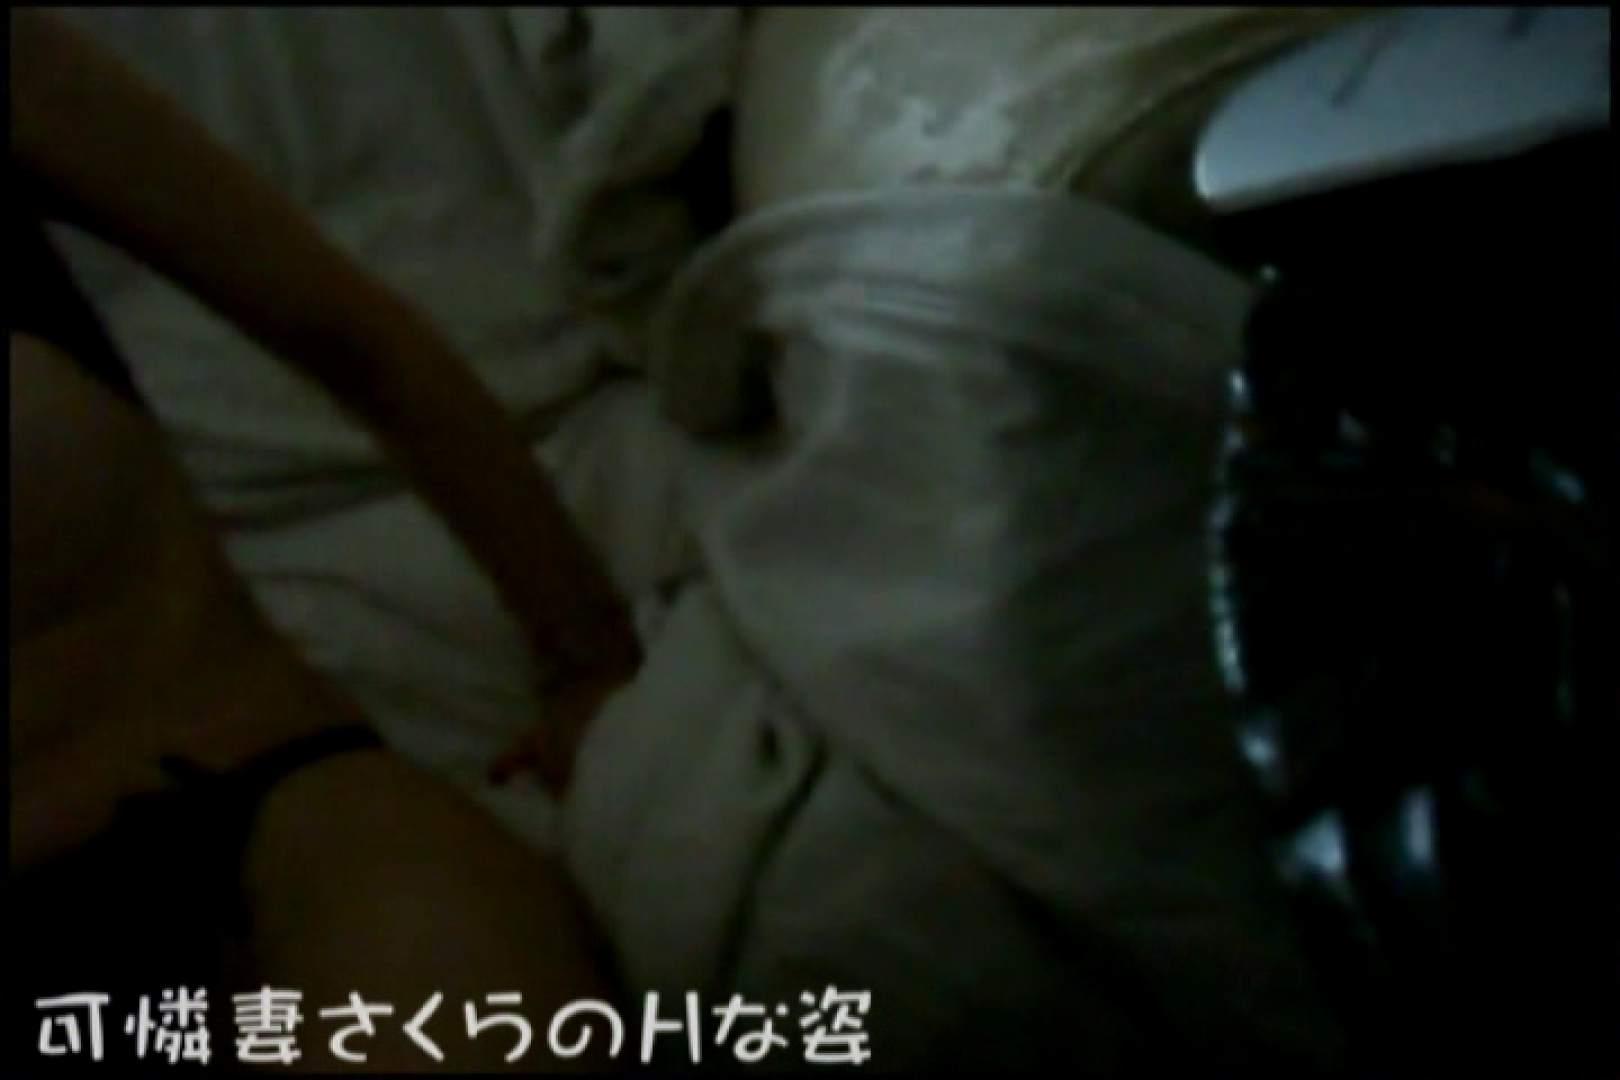 可憐妻さくらのHな姿vol.6 OLのエロ生活 隠し撮りオマンコ動画紹介 65連発 6